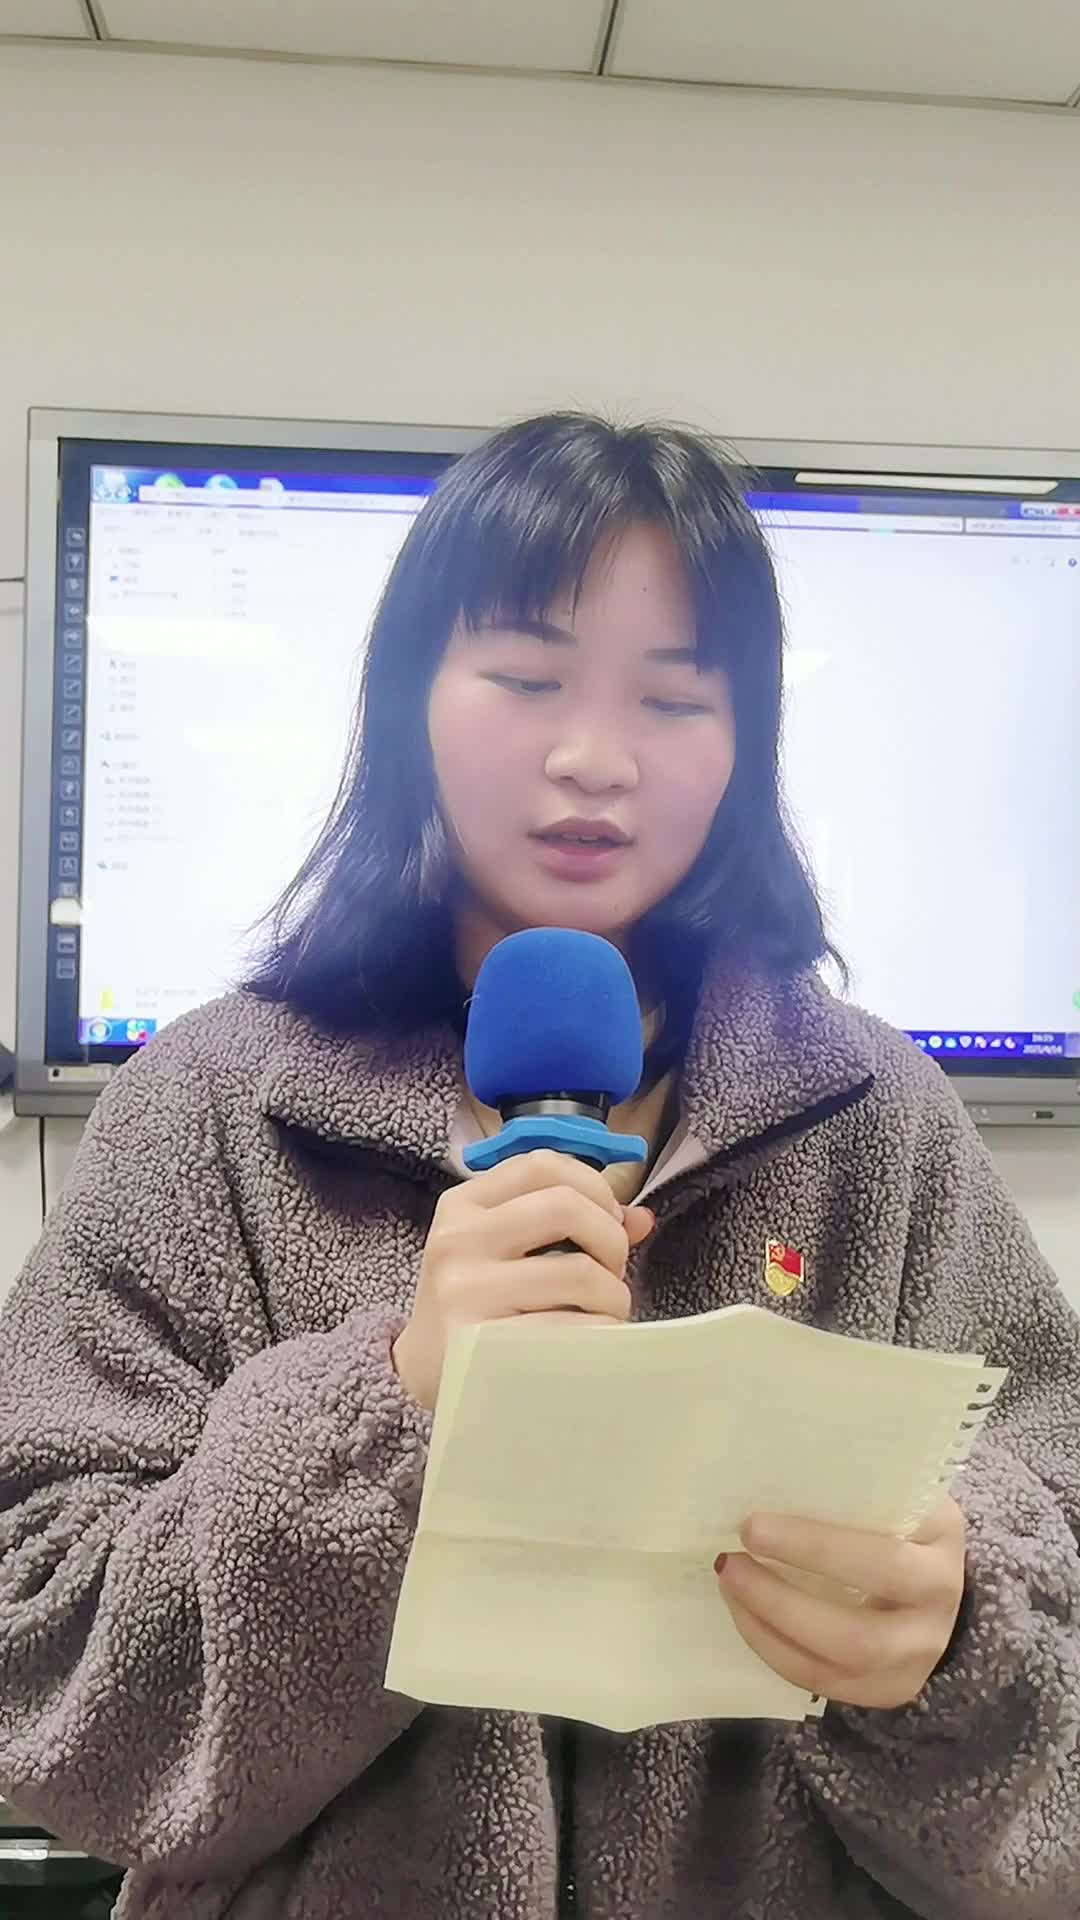 安徽合肥:大学生朗读《少年》